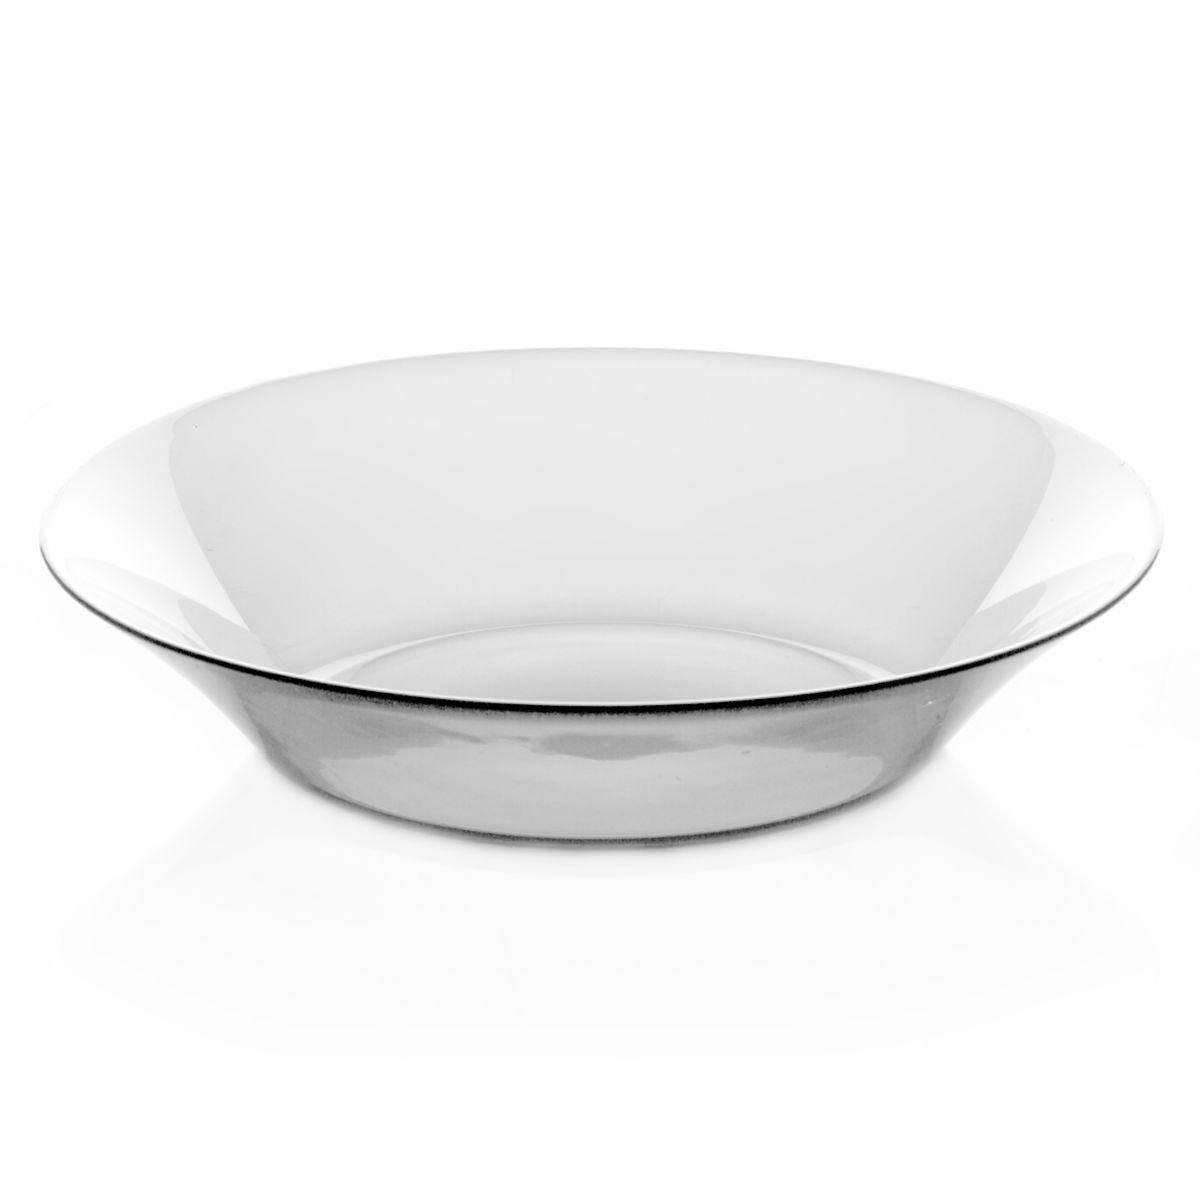 Набор тарелок Pasabahce Invitation, диаметр 22 см, 6 шт10335BНабор Pasabahce Invitation состоит из шести тарелок, выполненных из закаленного прозрачного стекла. Тарелки предназначены для красивой сервировки первых блюд. Они сочетают в себе изысканный дизайн с максимальной функциональностью. Оригинальность оформления тарелок придется по вкусу и ценителям классики, и тем, кто предпочитает утонченность и изящность. Набор тарелок Pasabahce Invitation послужит отличным подарком к любому празднику. Можно использовать в микроволновой печи, холодильнике и морозильной камере, также мыть в посудомоечной машине. Диаметр тарелок: 22 см.